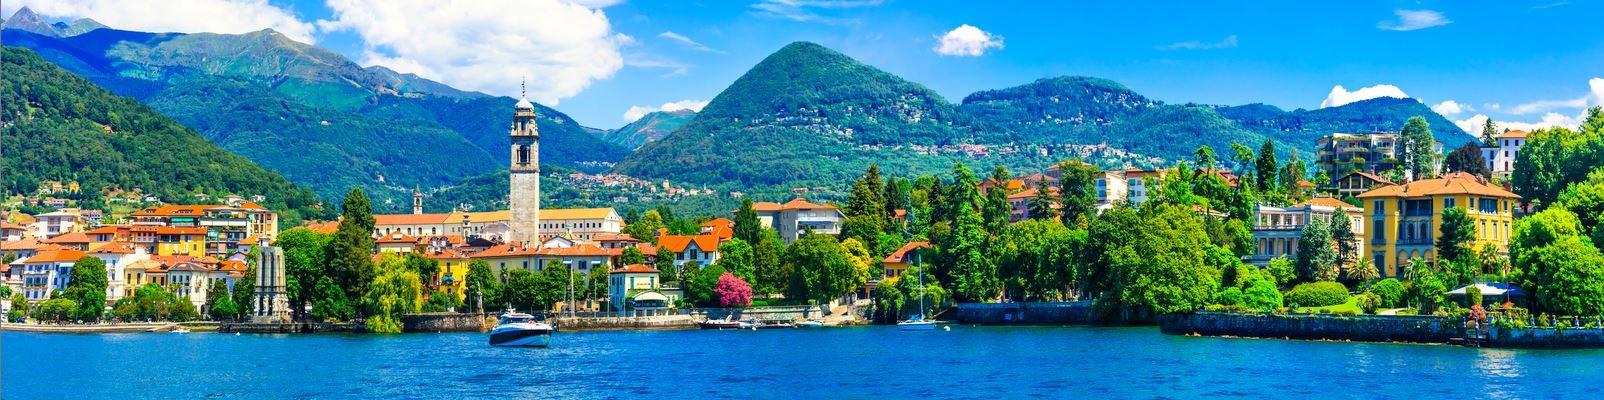 Lago Maggiore - městečko Pallanza